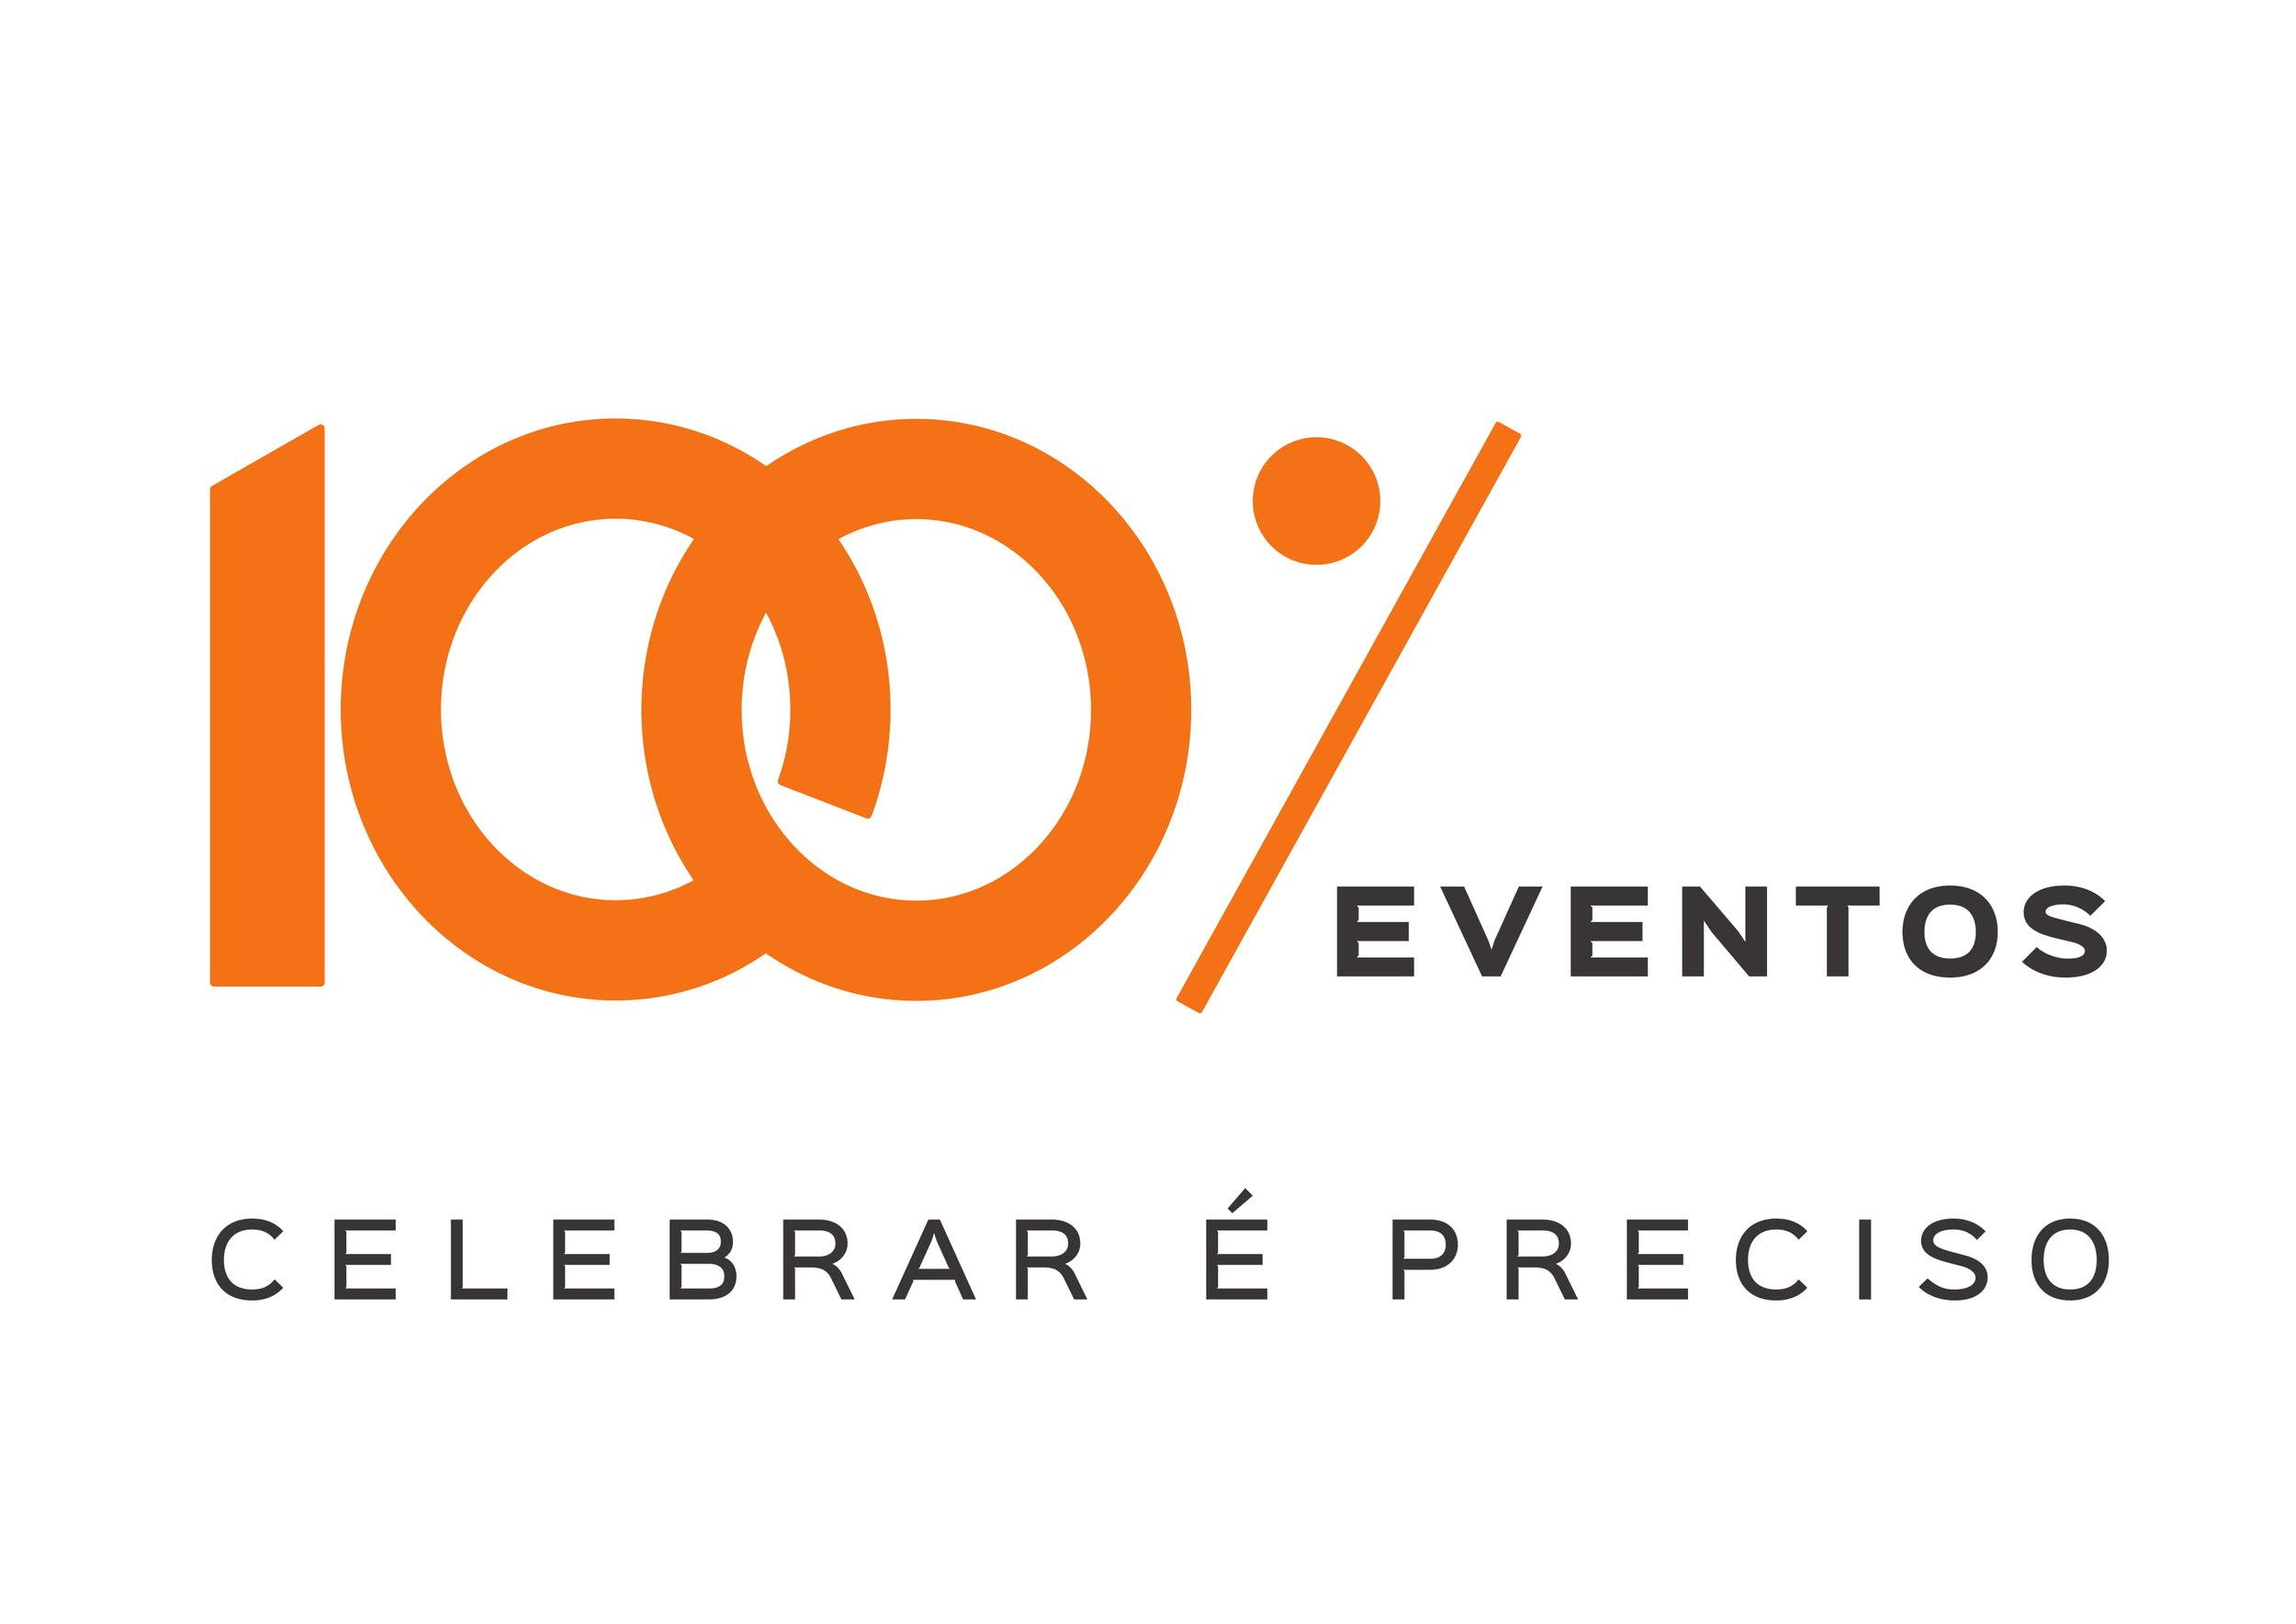 100 Eventos logo 2019-1.jpg